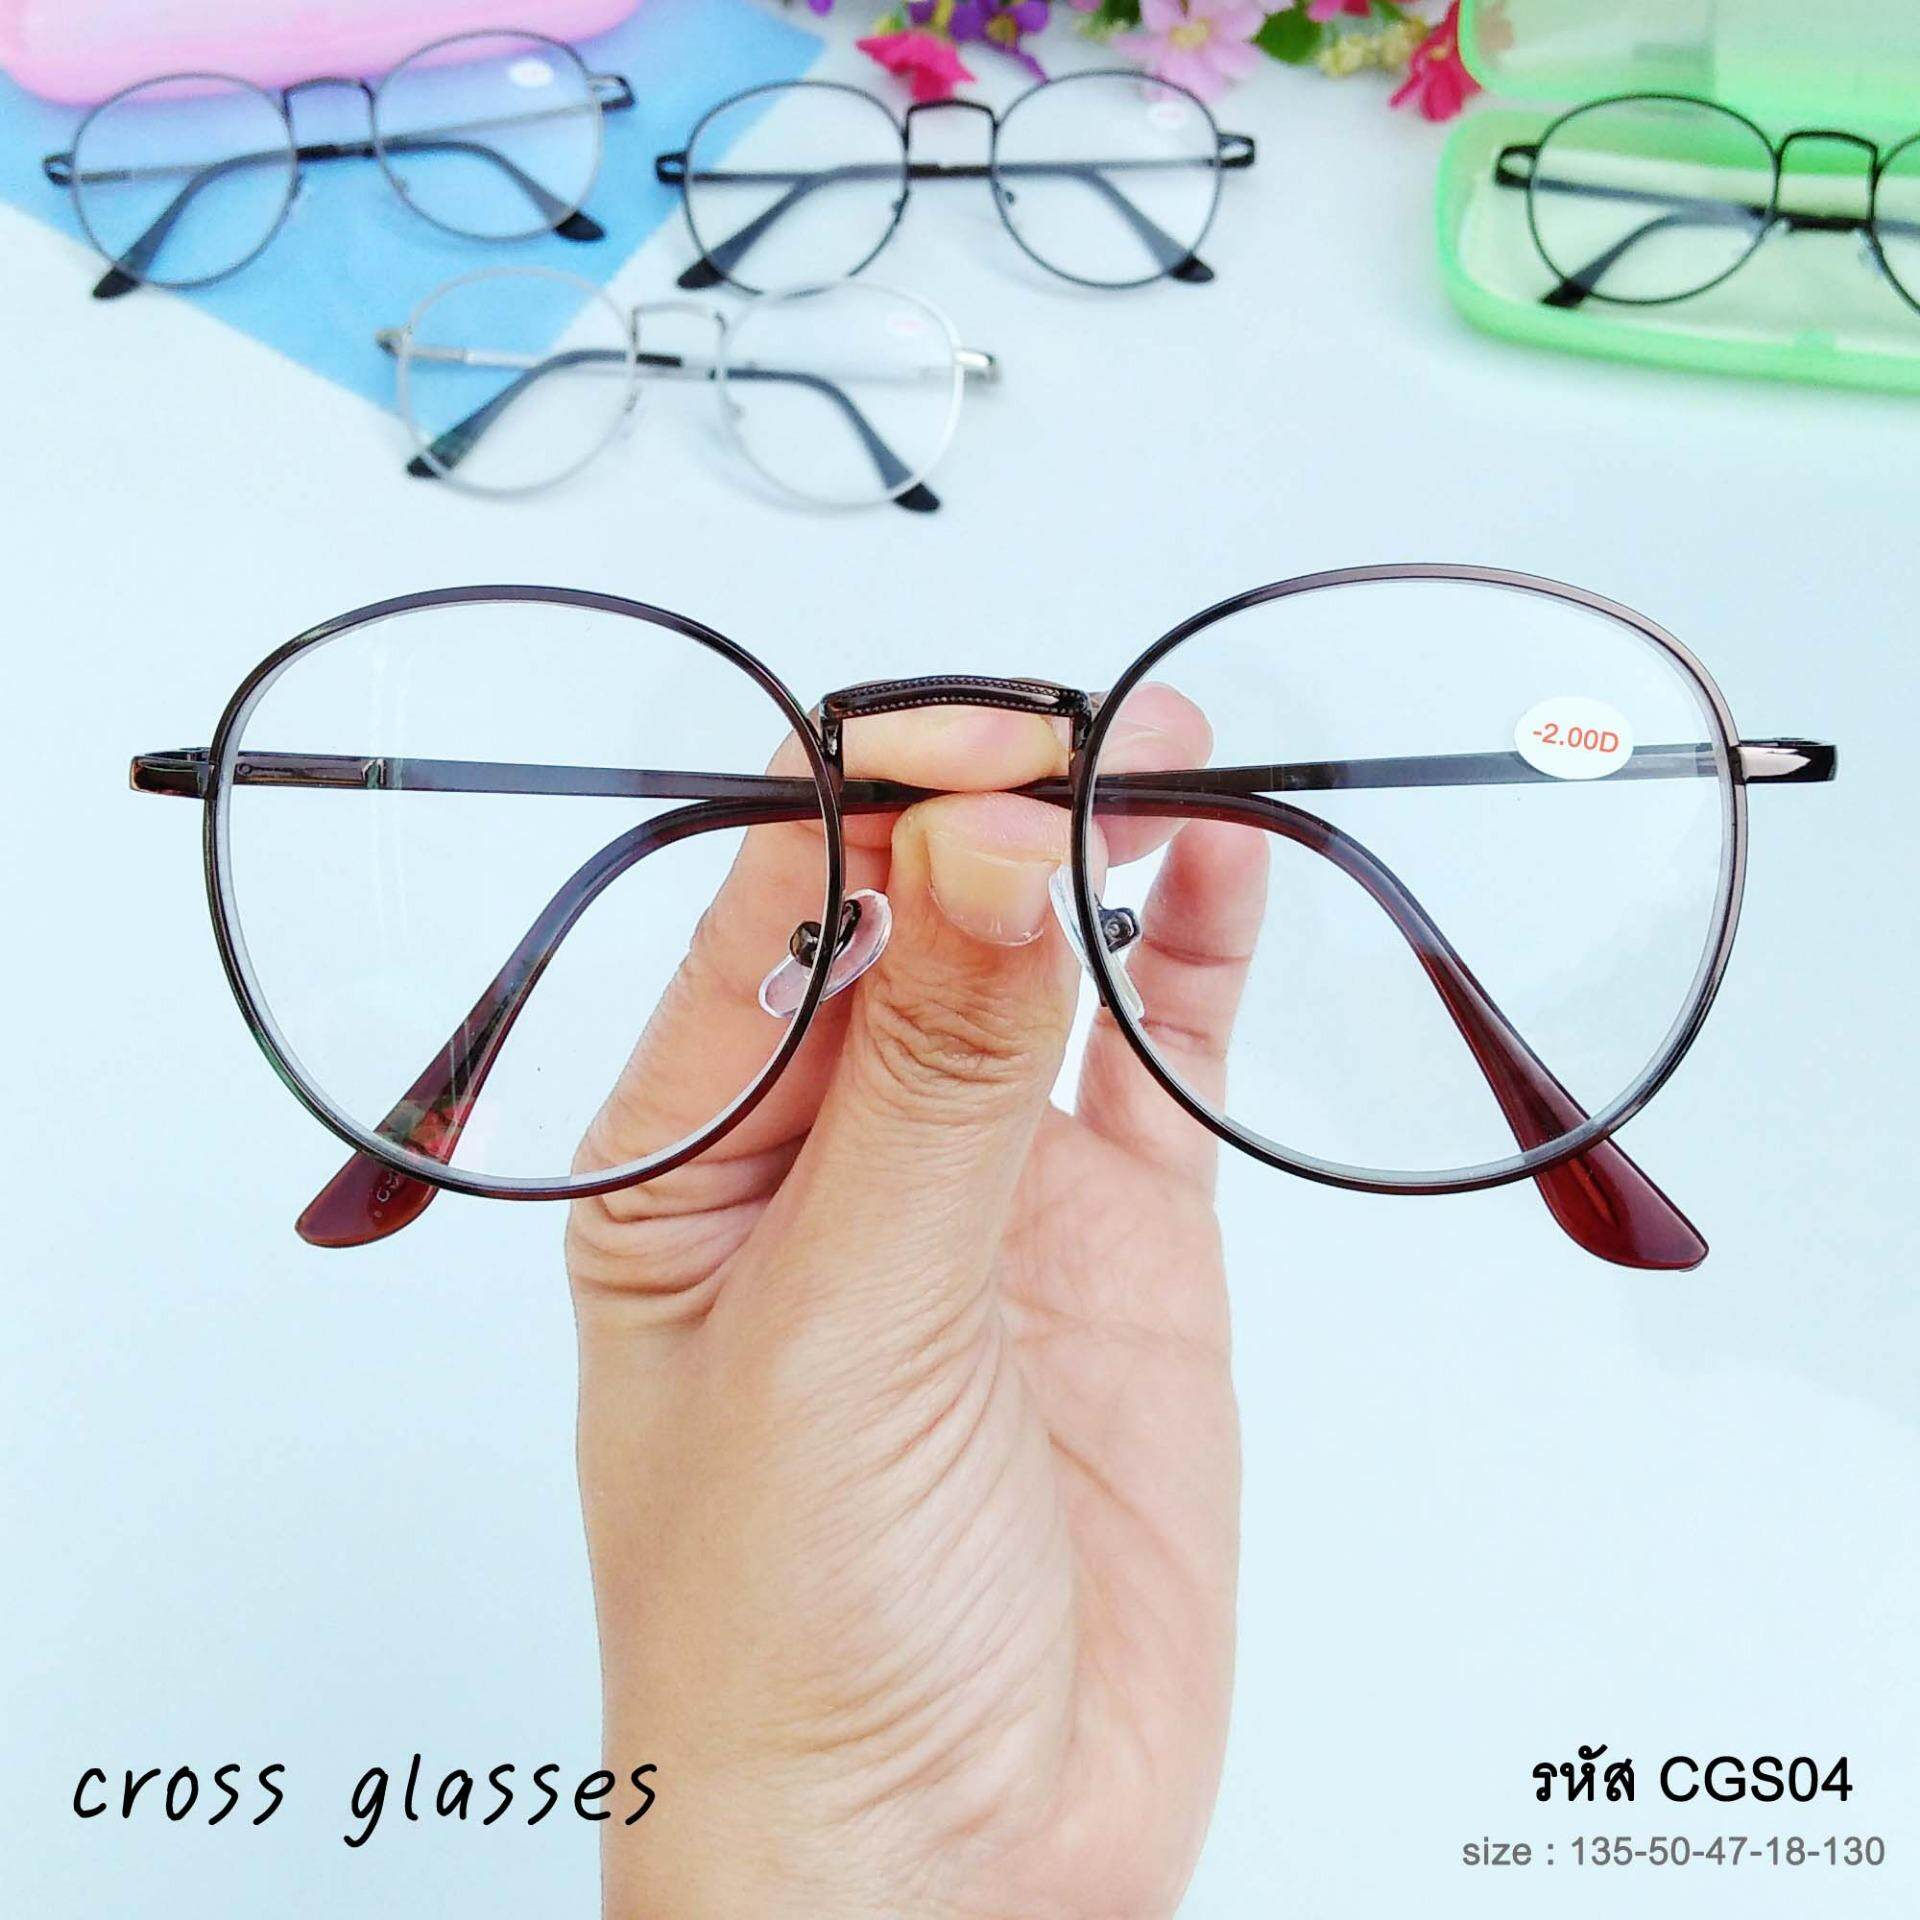 ขาย แว่นสายตาสั้น 2 00 ทรงหยดน้ำ สไตล์วินเทจ รหัส Cgs04 Cross Glasses